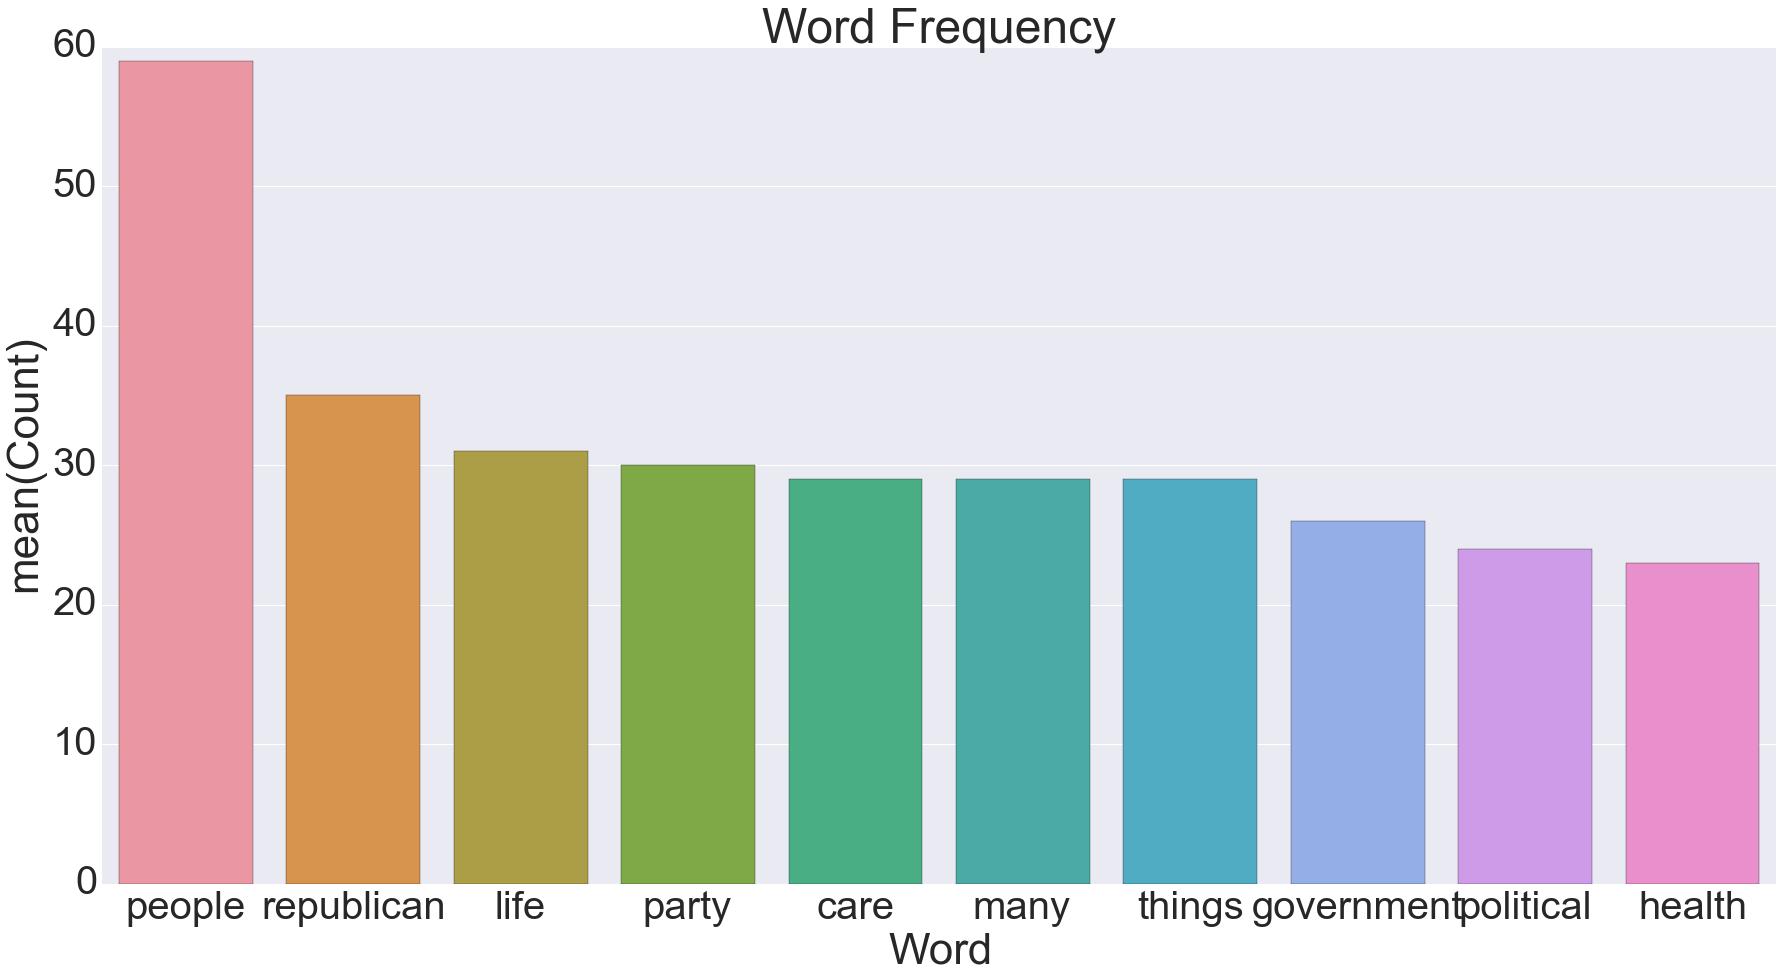 WordFreq